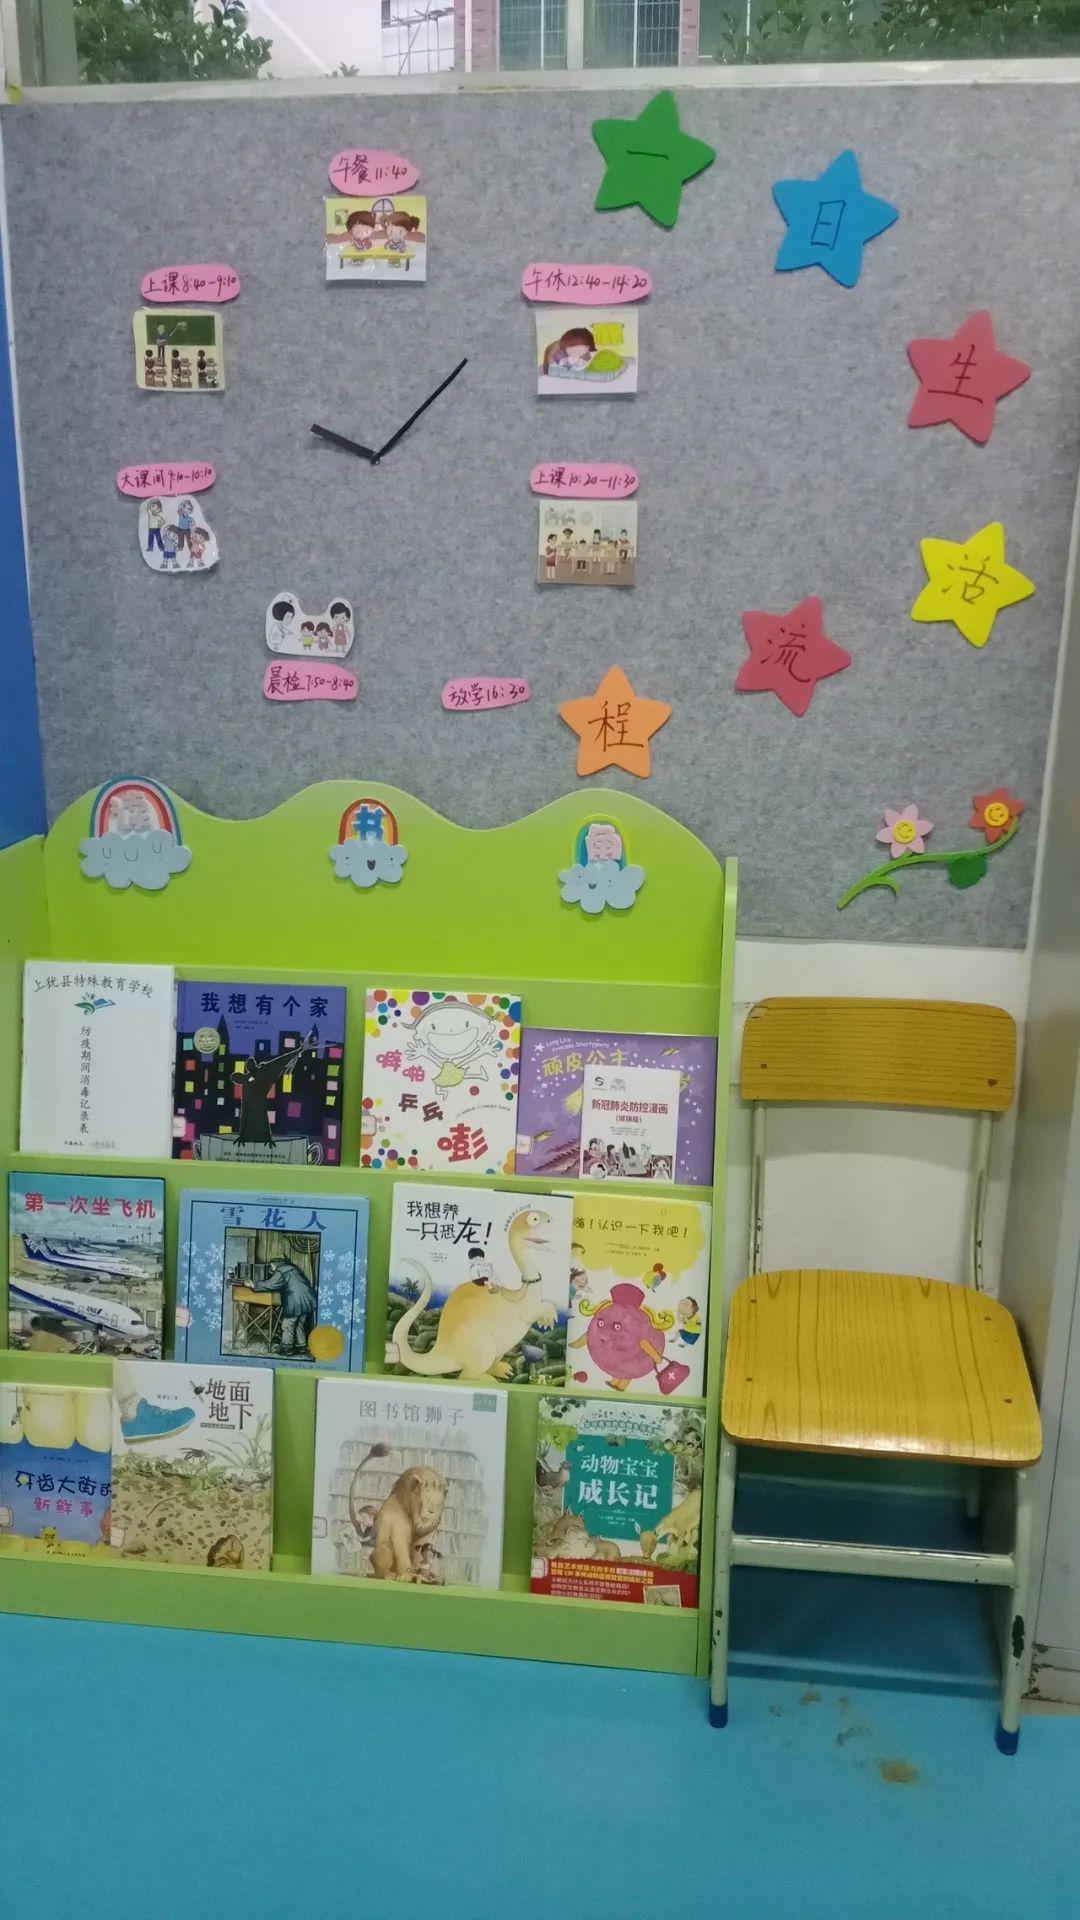 幼儿园评比栏墙饰布置